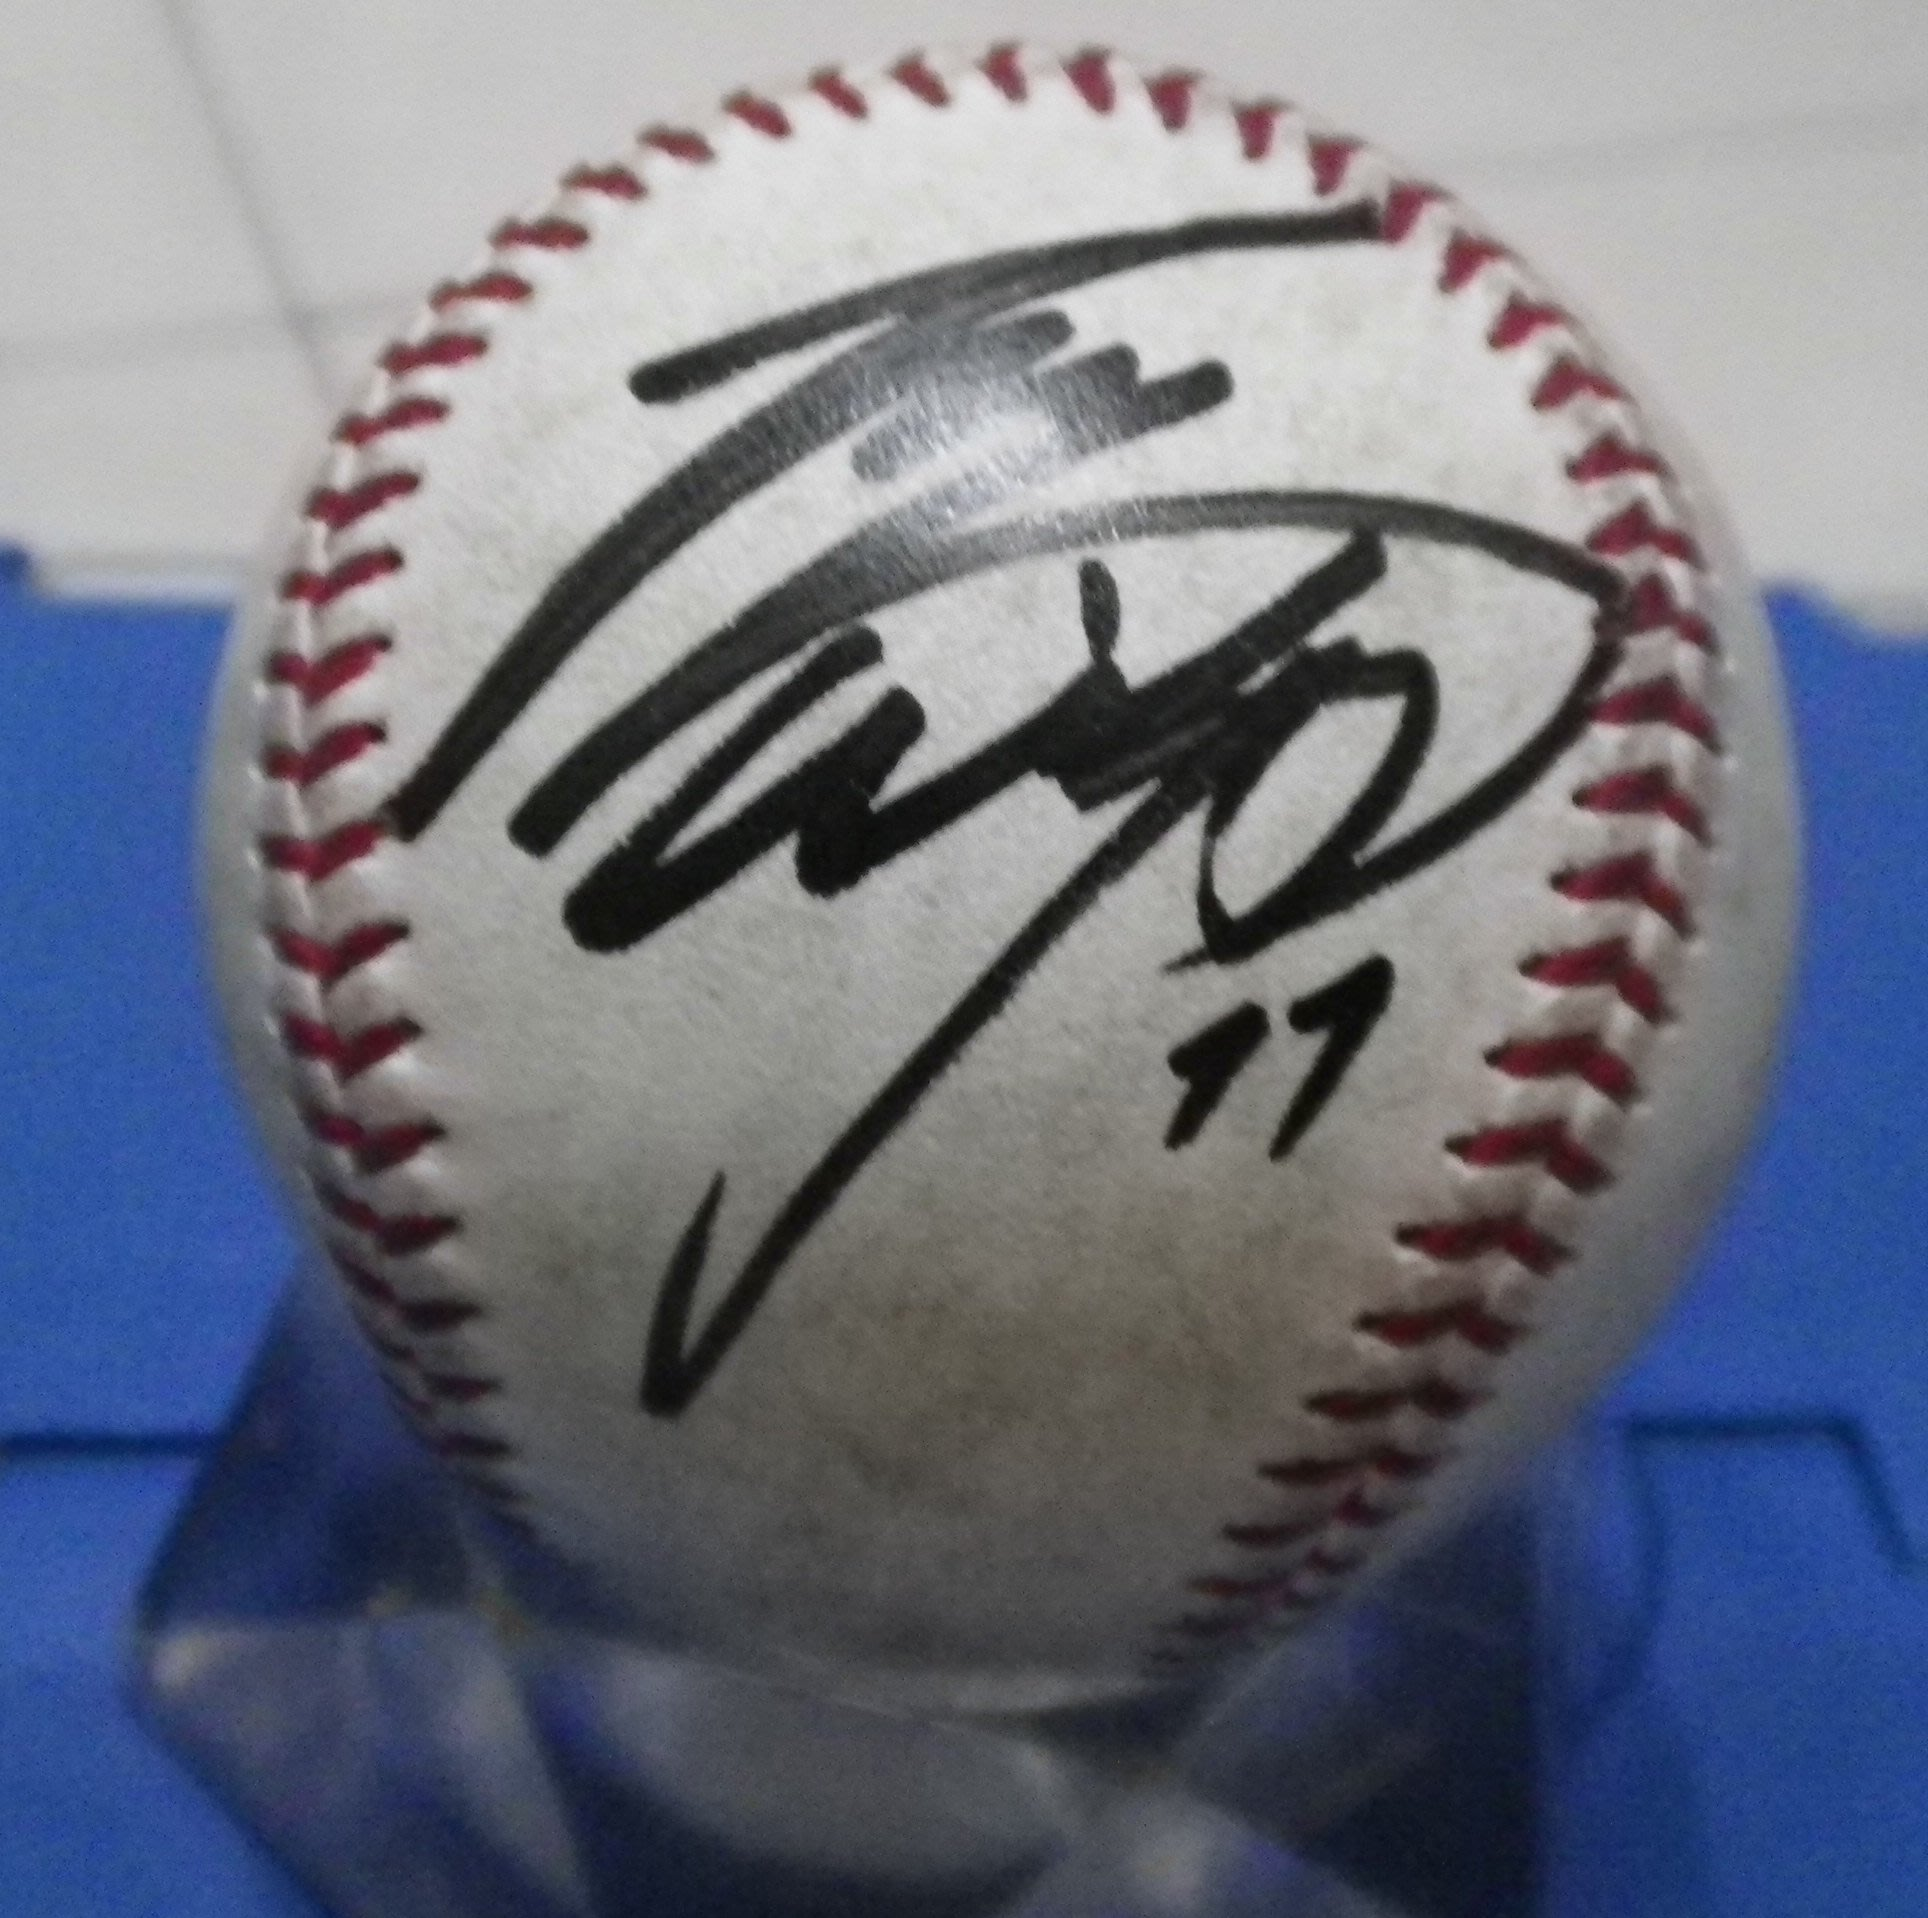 棒球天地--北海道火腿 二刀流 大谷翔平 簽名日本職棒比賽球.字跡漂亮..空運來台